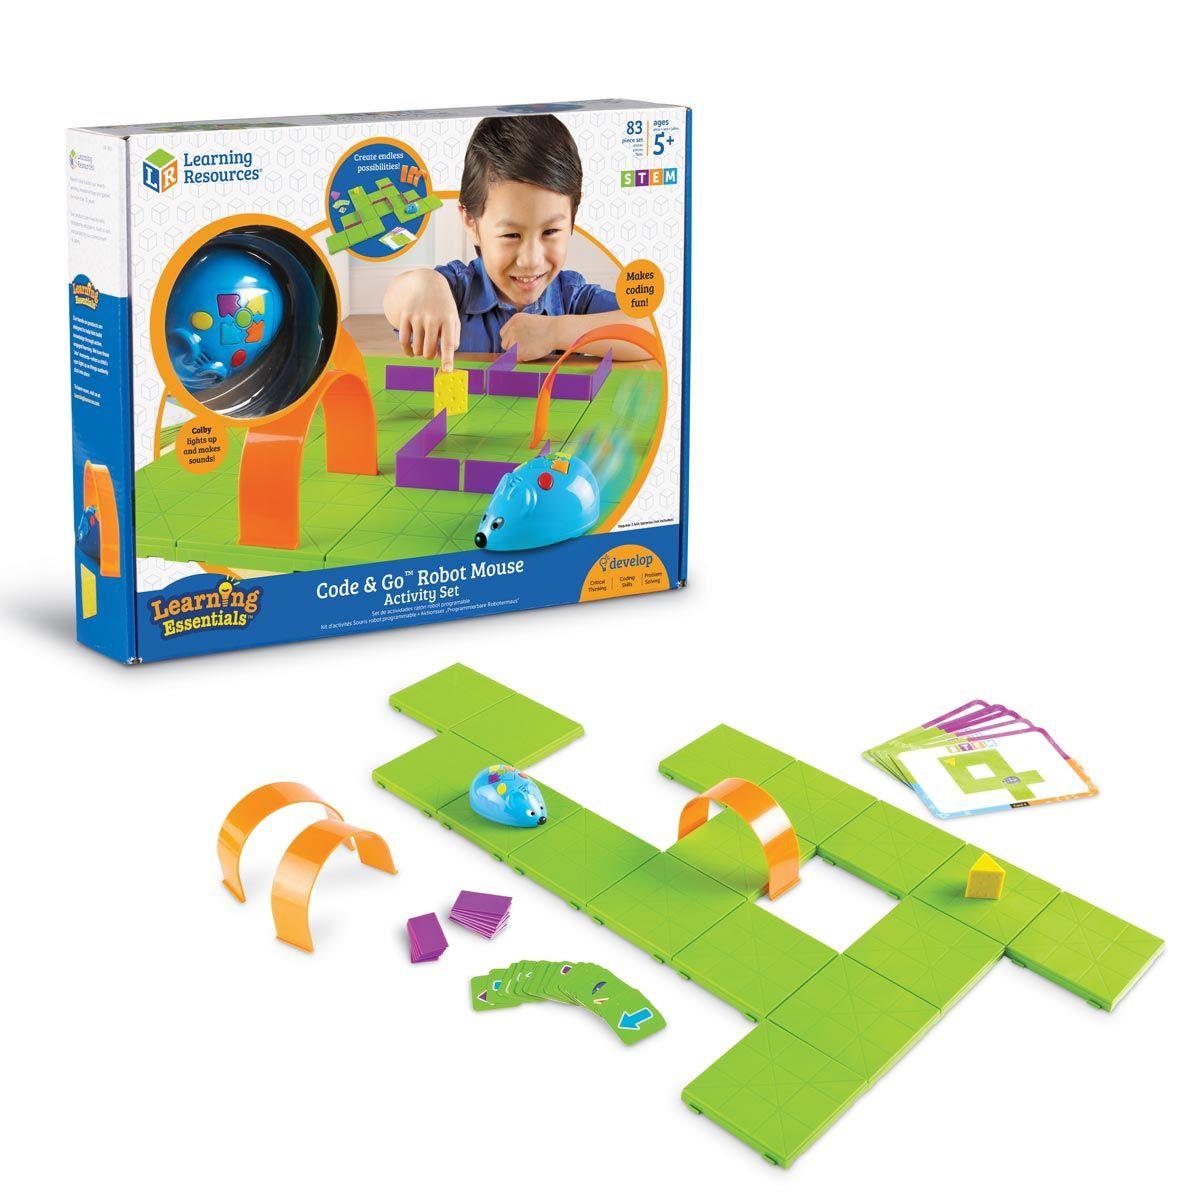 Codage Ludique Pour Les Petits Code & Go Mouse Learning à Jeux Pour Garçon De 5 Ans